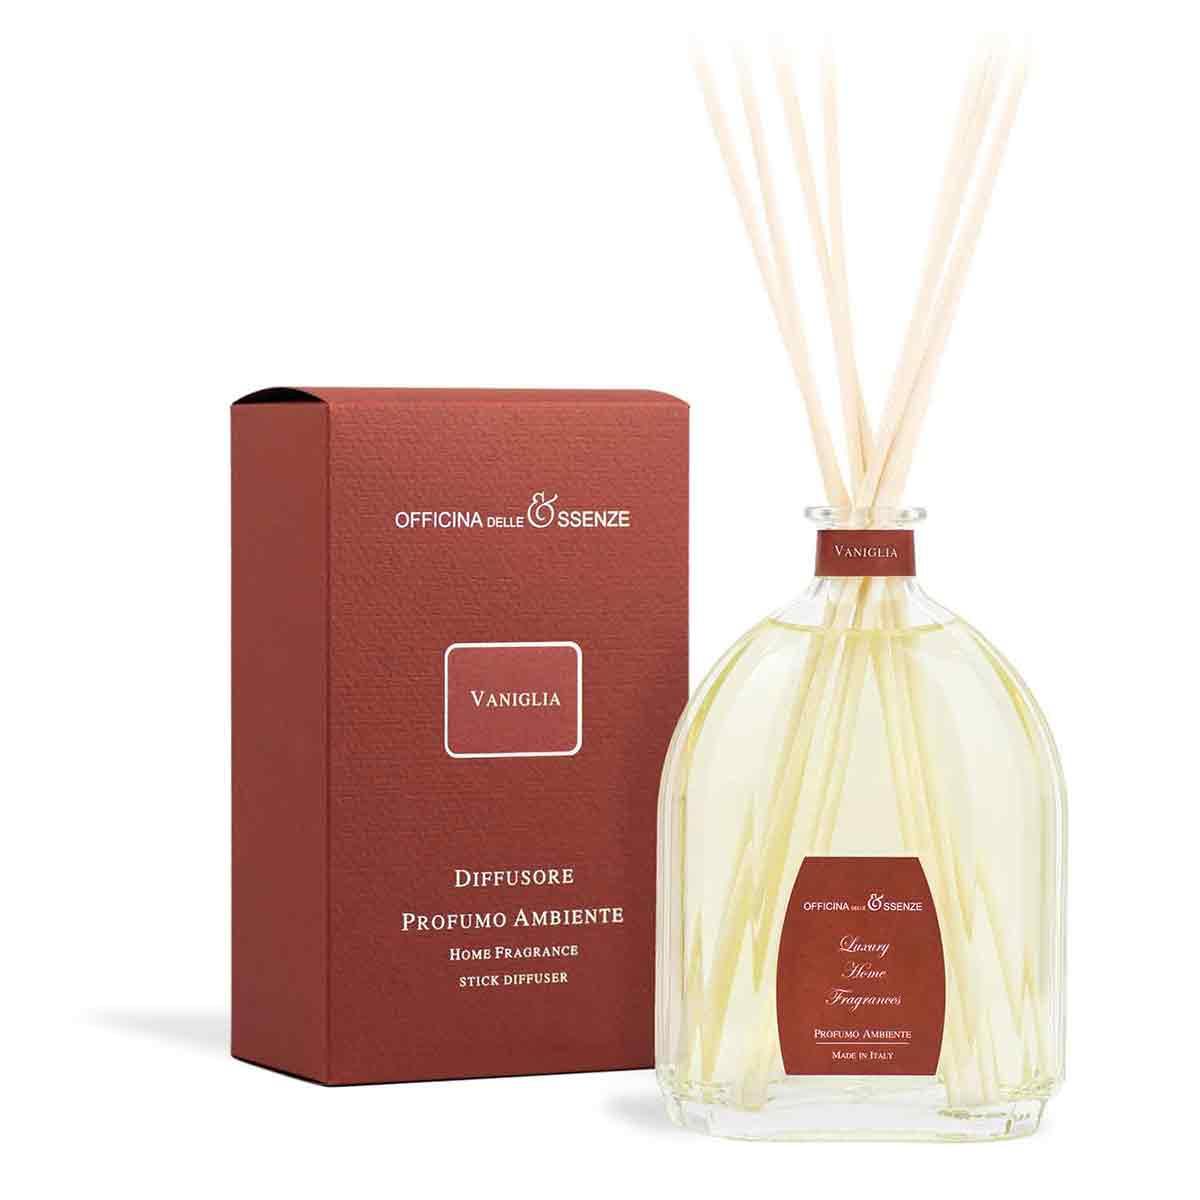 Vaniglia - Diffusore di profumo per l'ambiente